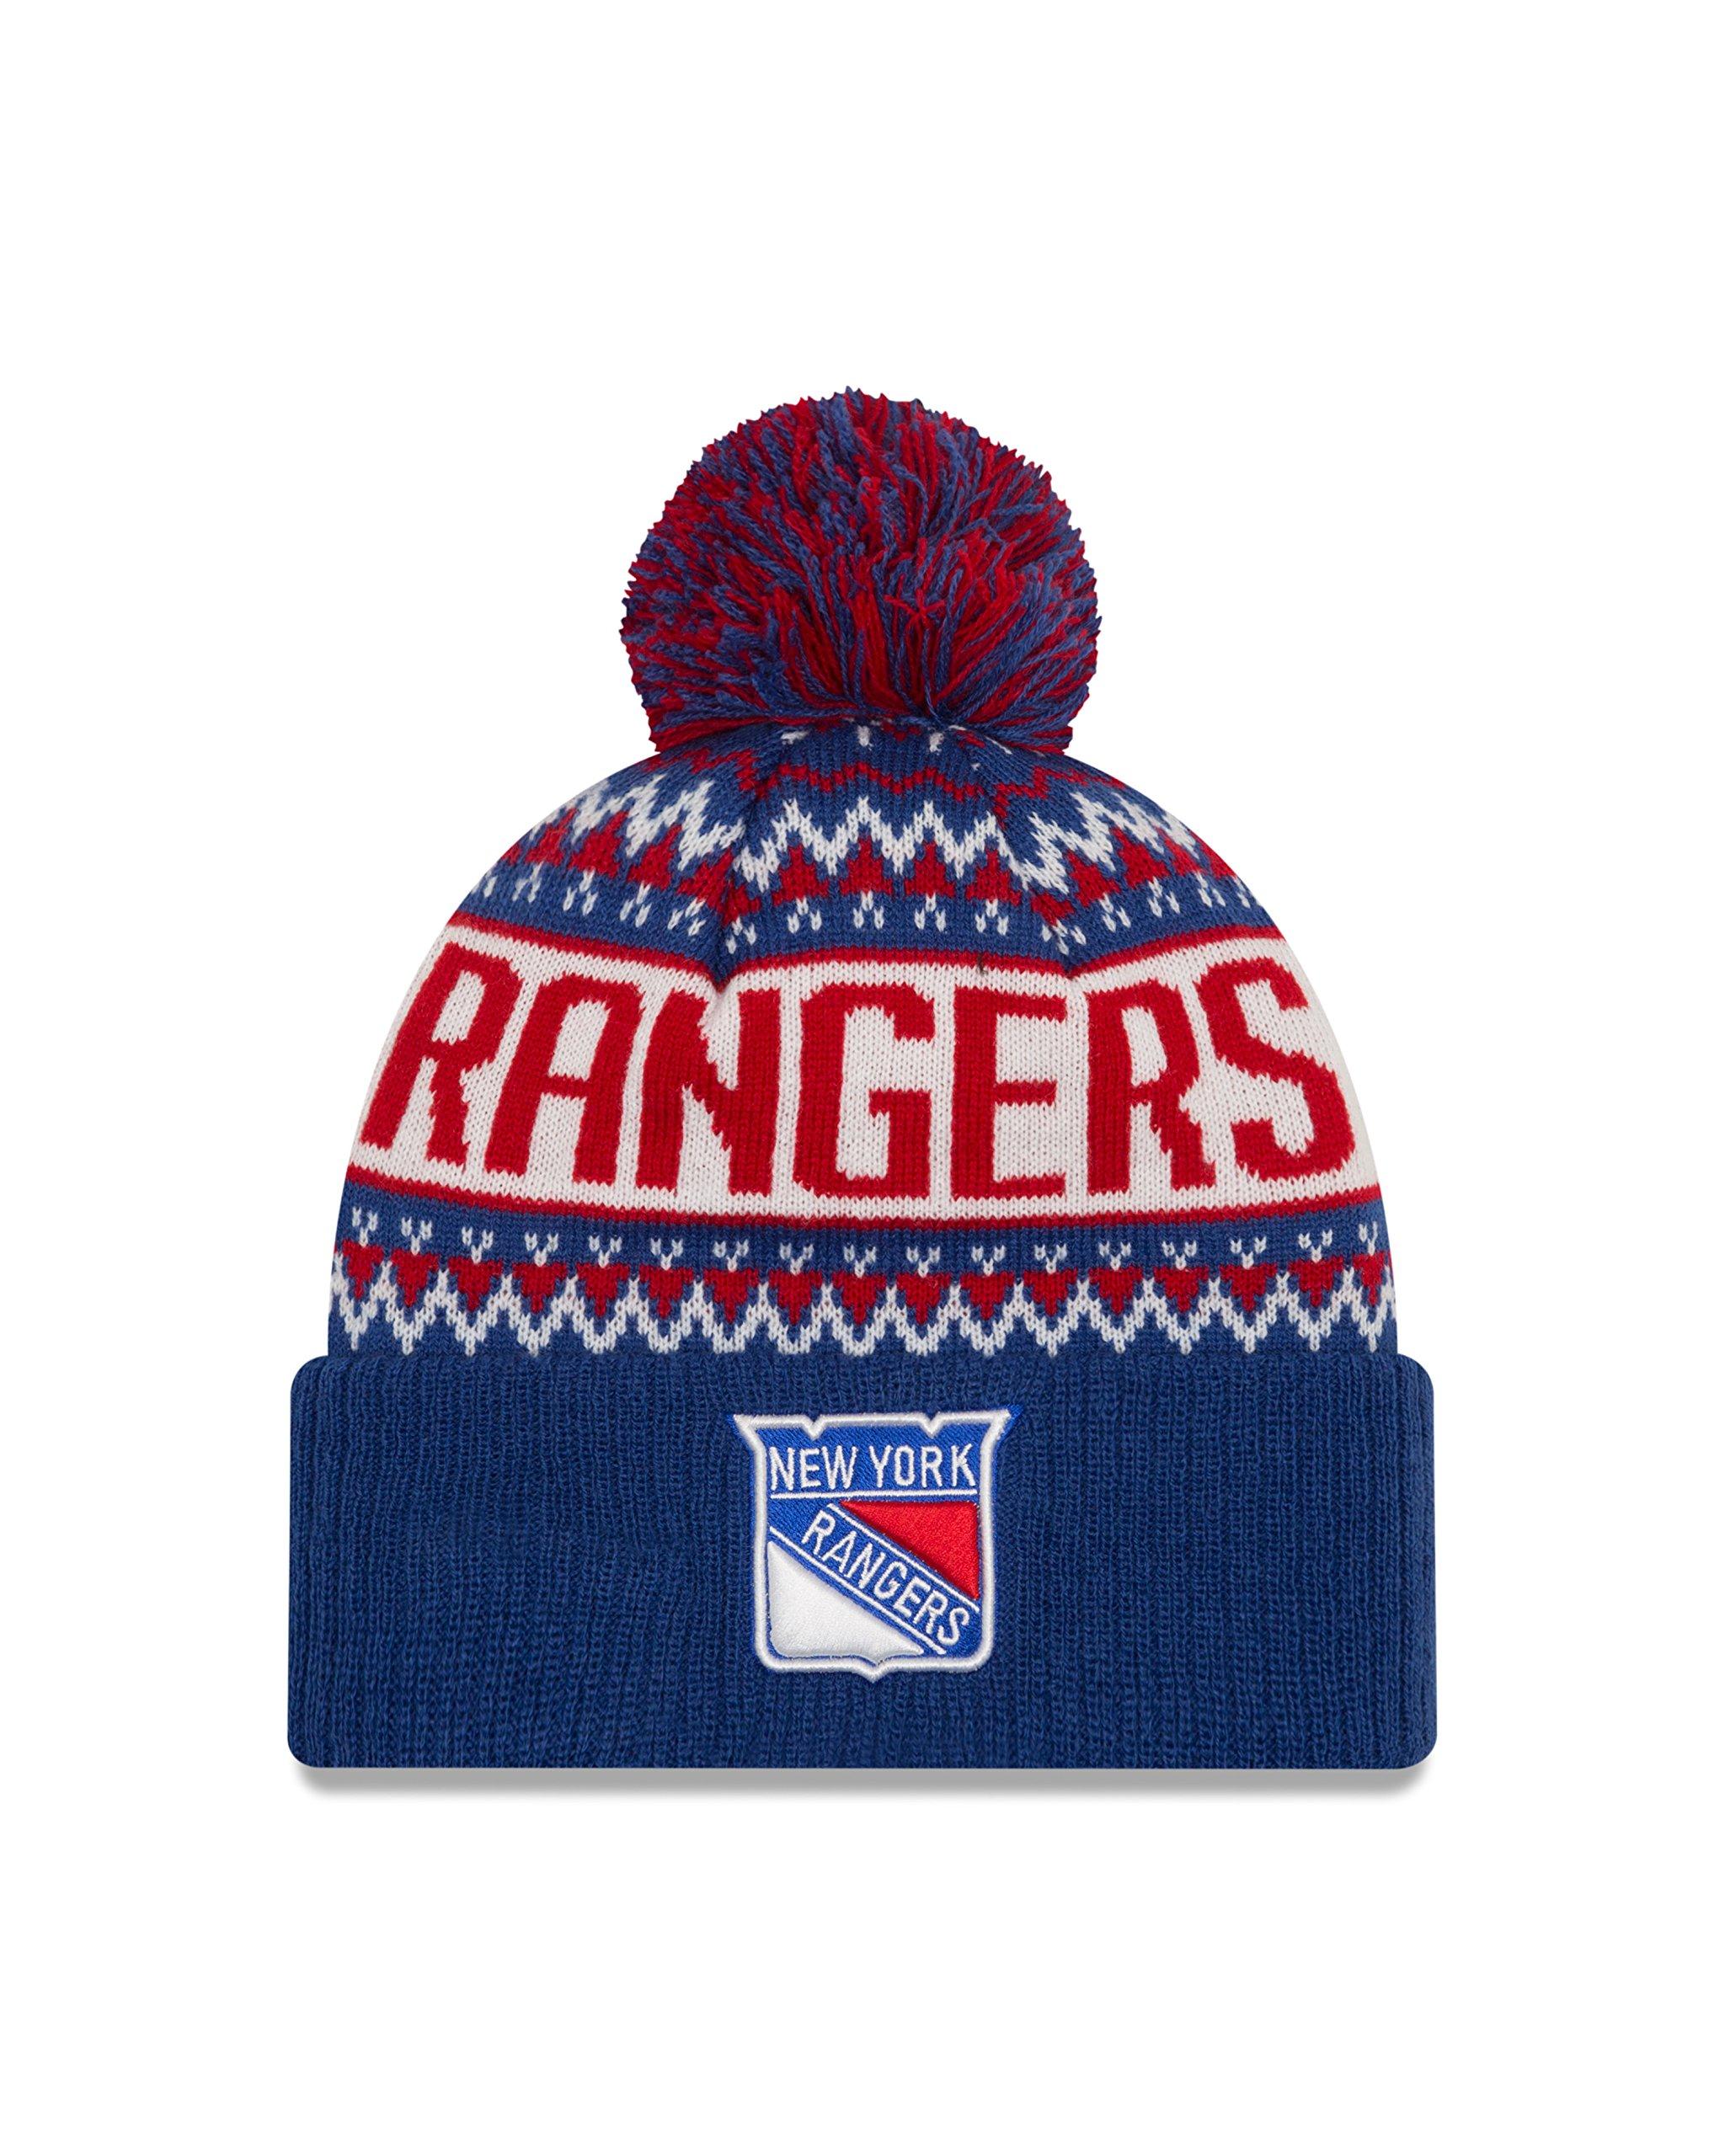 NHL New York Rangers Wintry Pom Knit Beanie, One Size, Blue